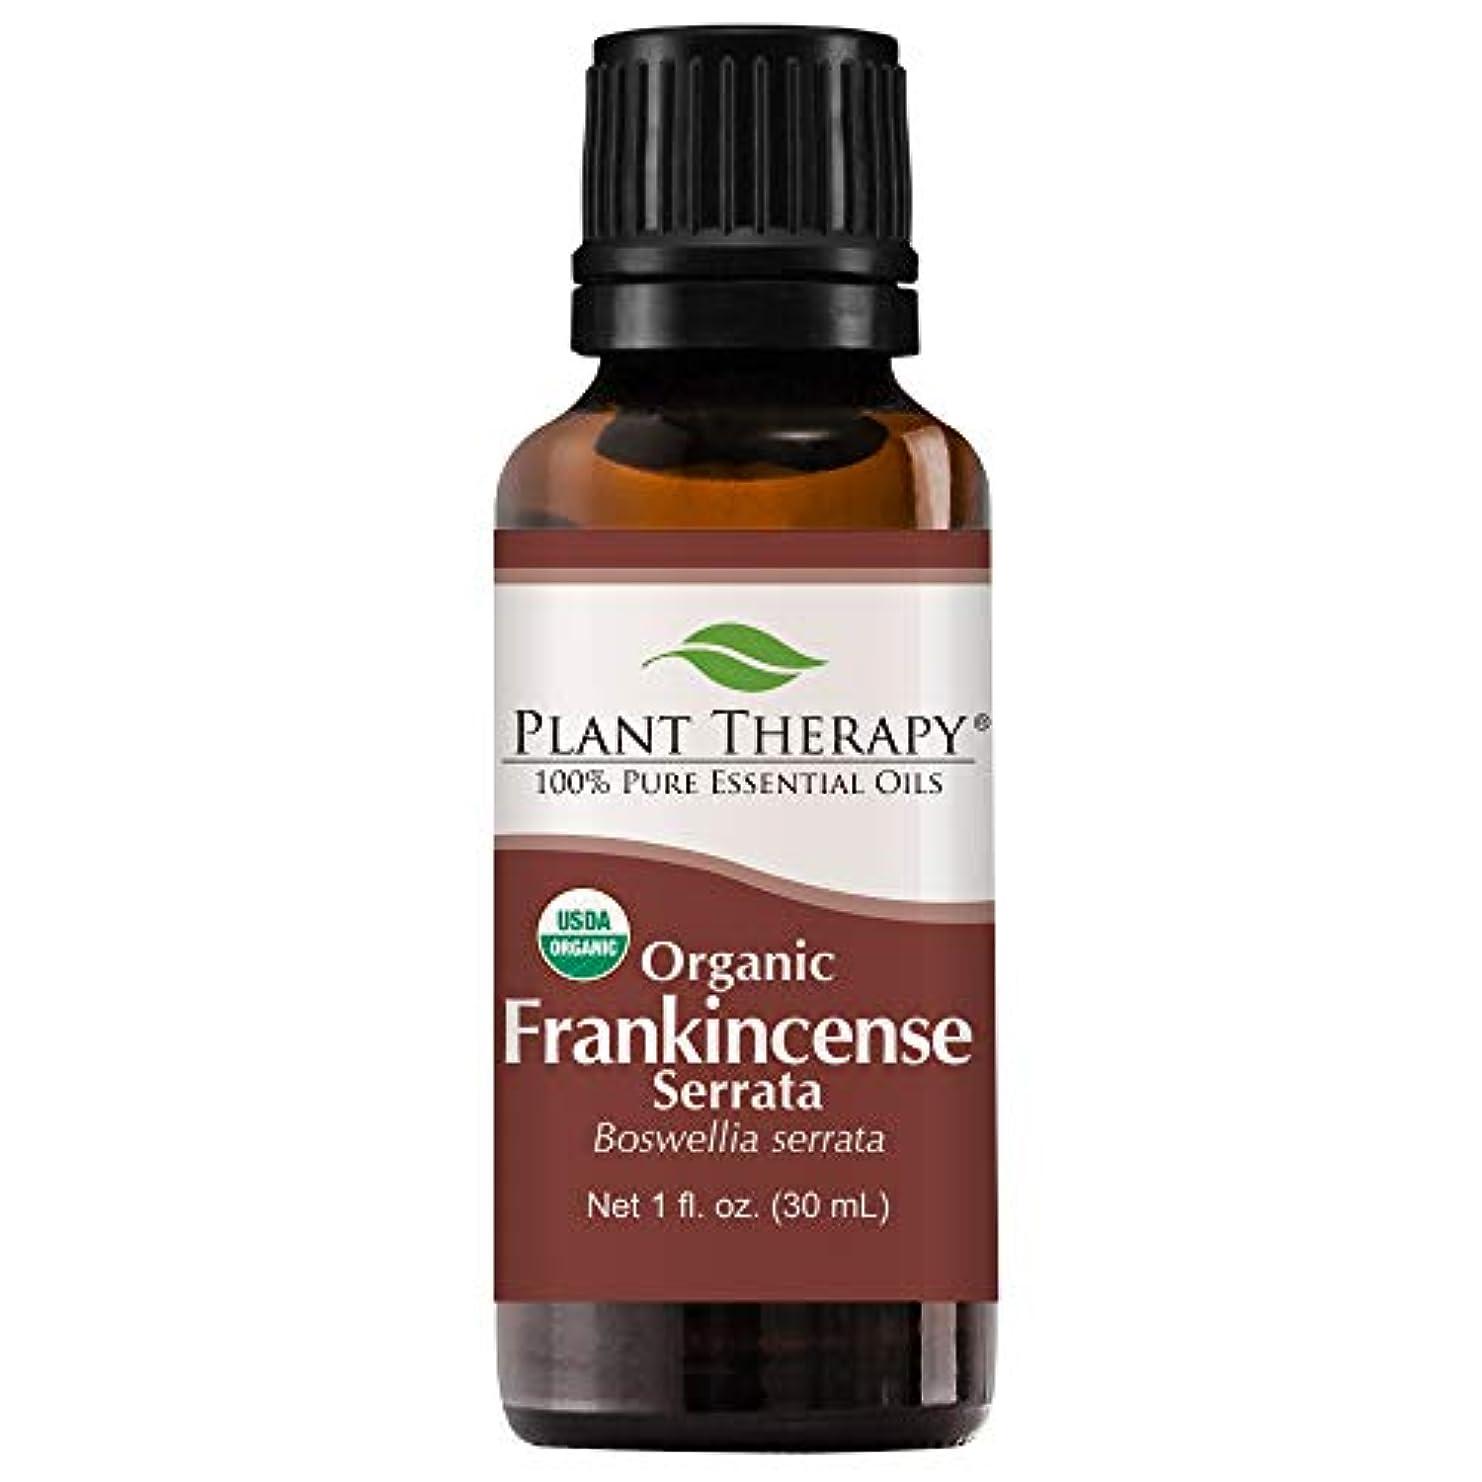 増加するクラウン忠実植物セラピーUSDA認定オーガニックフランキンセンスコナラエッセンシャルオイル。 30ミリリットル(1オンス)100%純粋な、希釈していない、治療グレード。